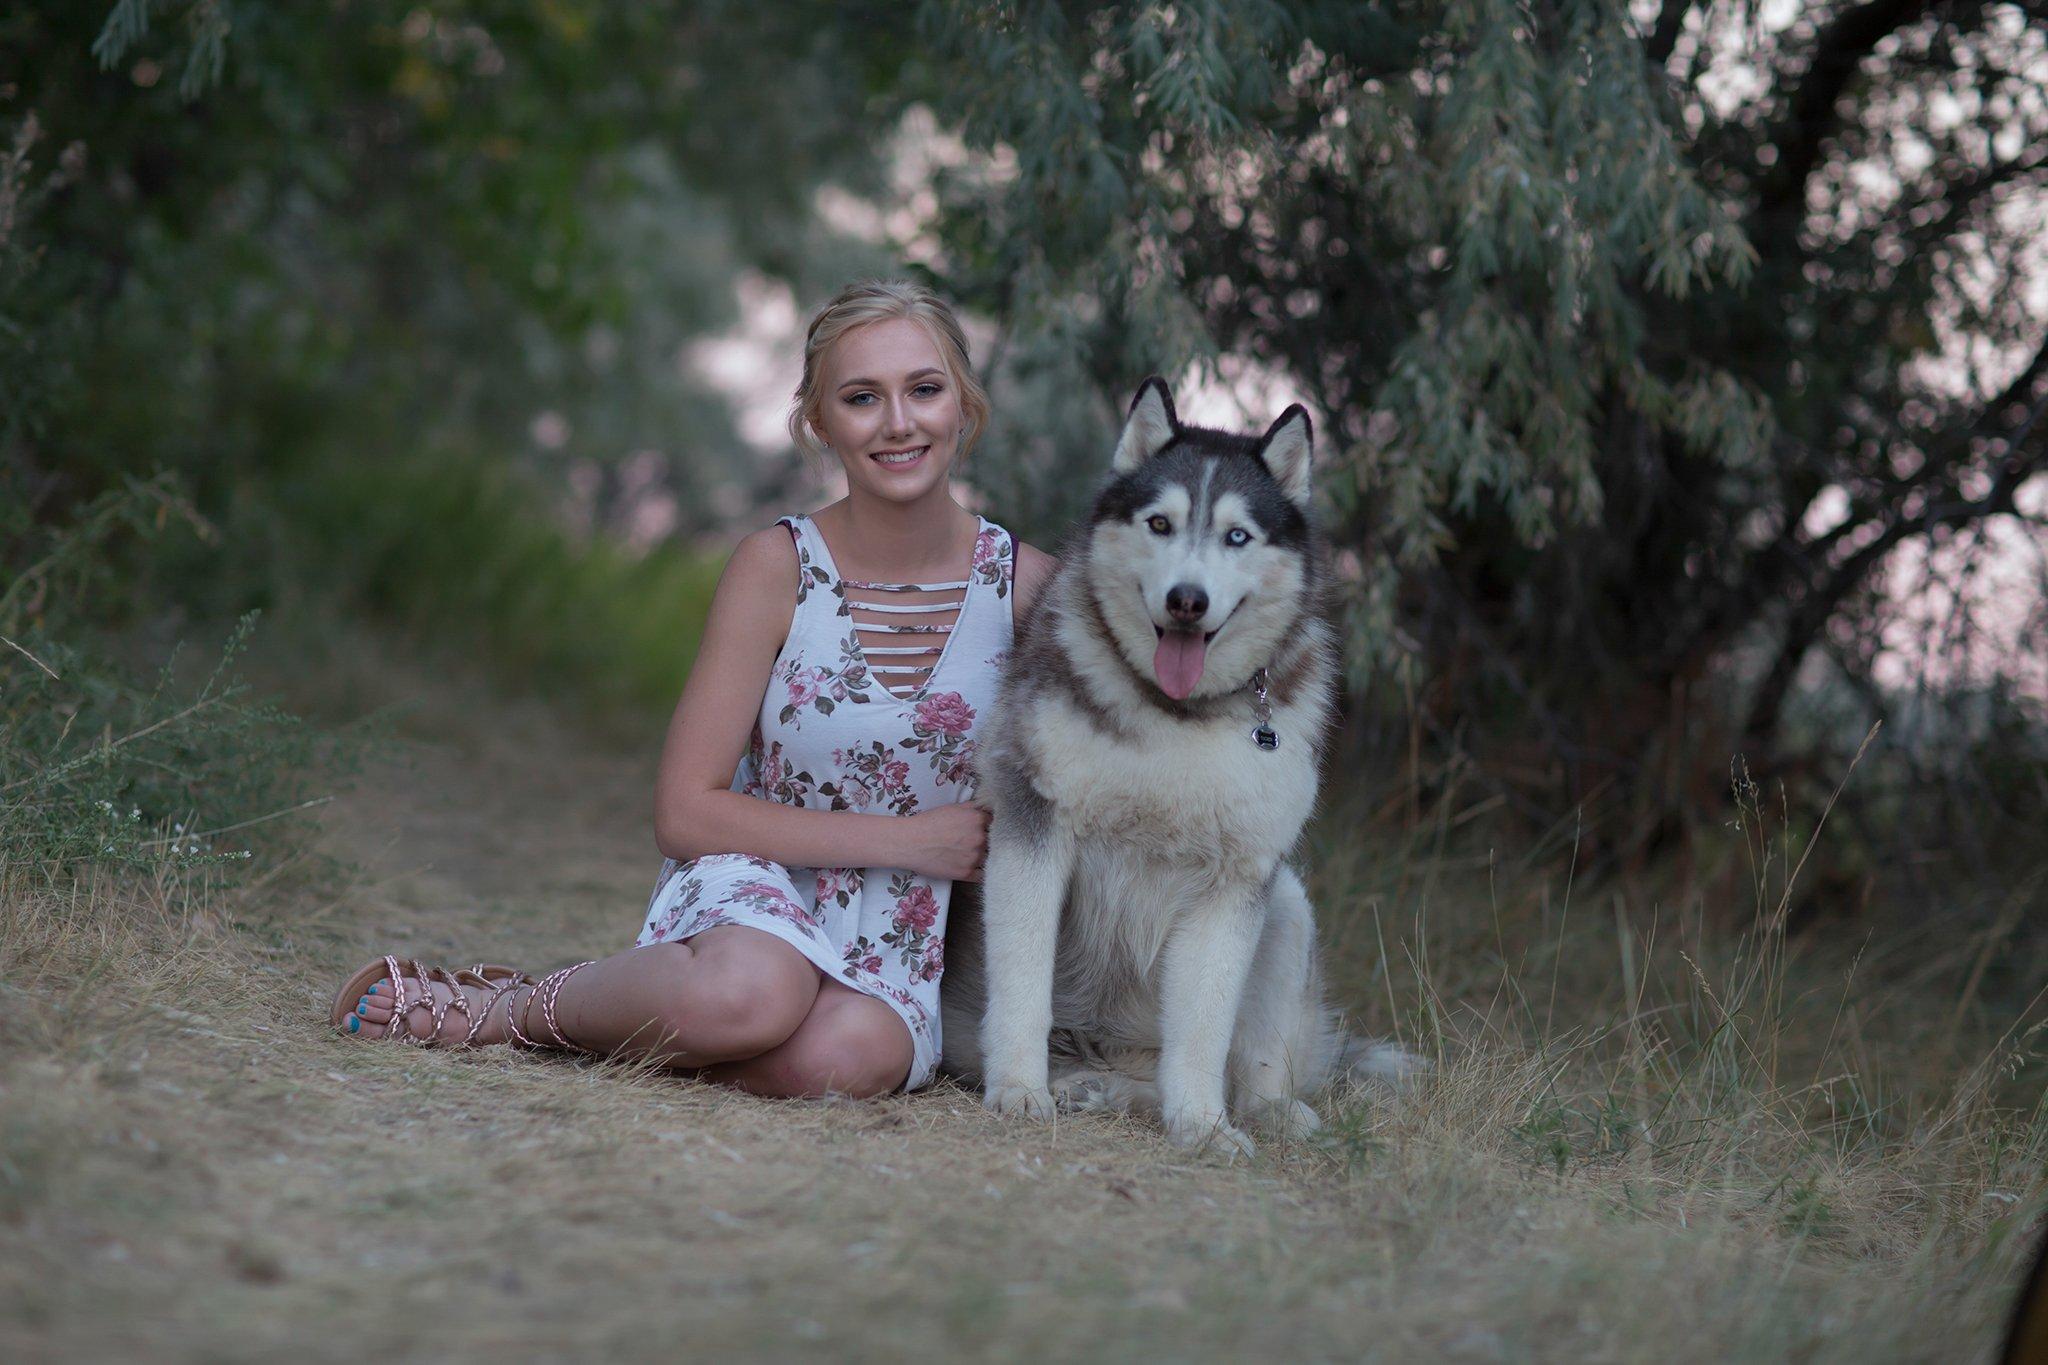 Niña con vestido de flores sentada junto a un perro huskie directamente fuera de la cámara